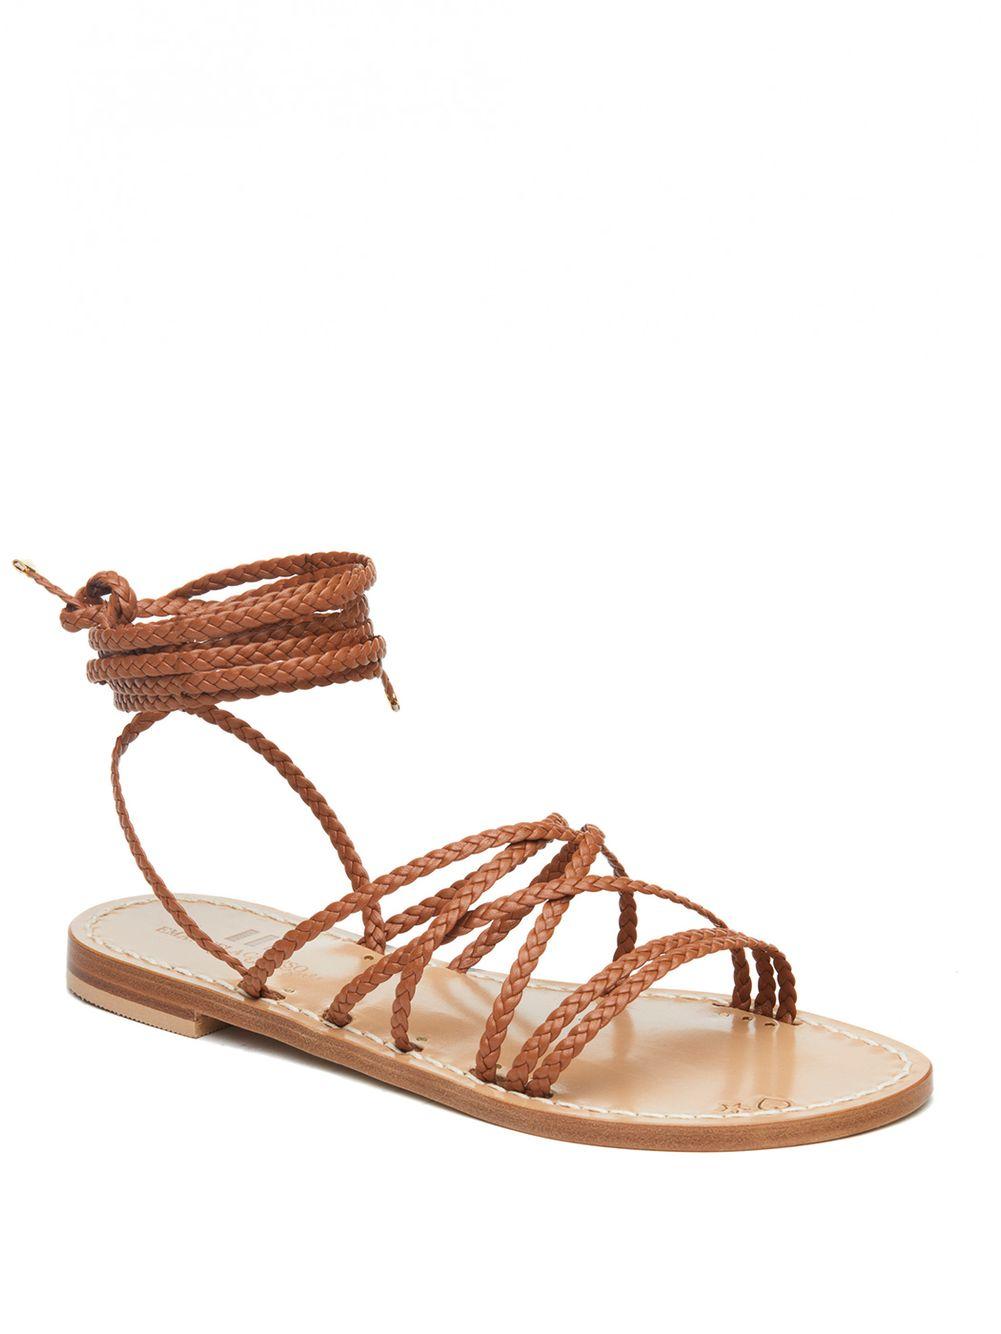 Sandalo handnailed